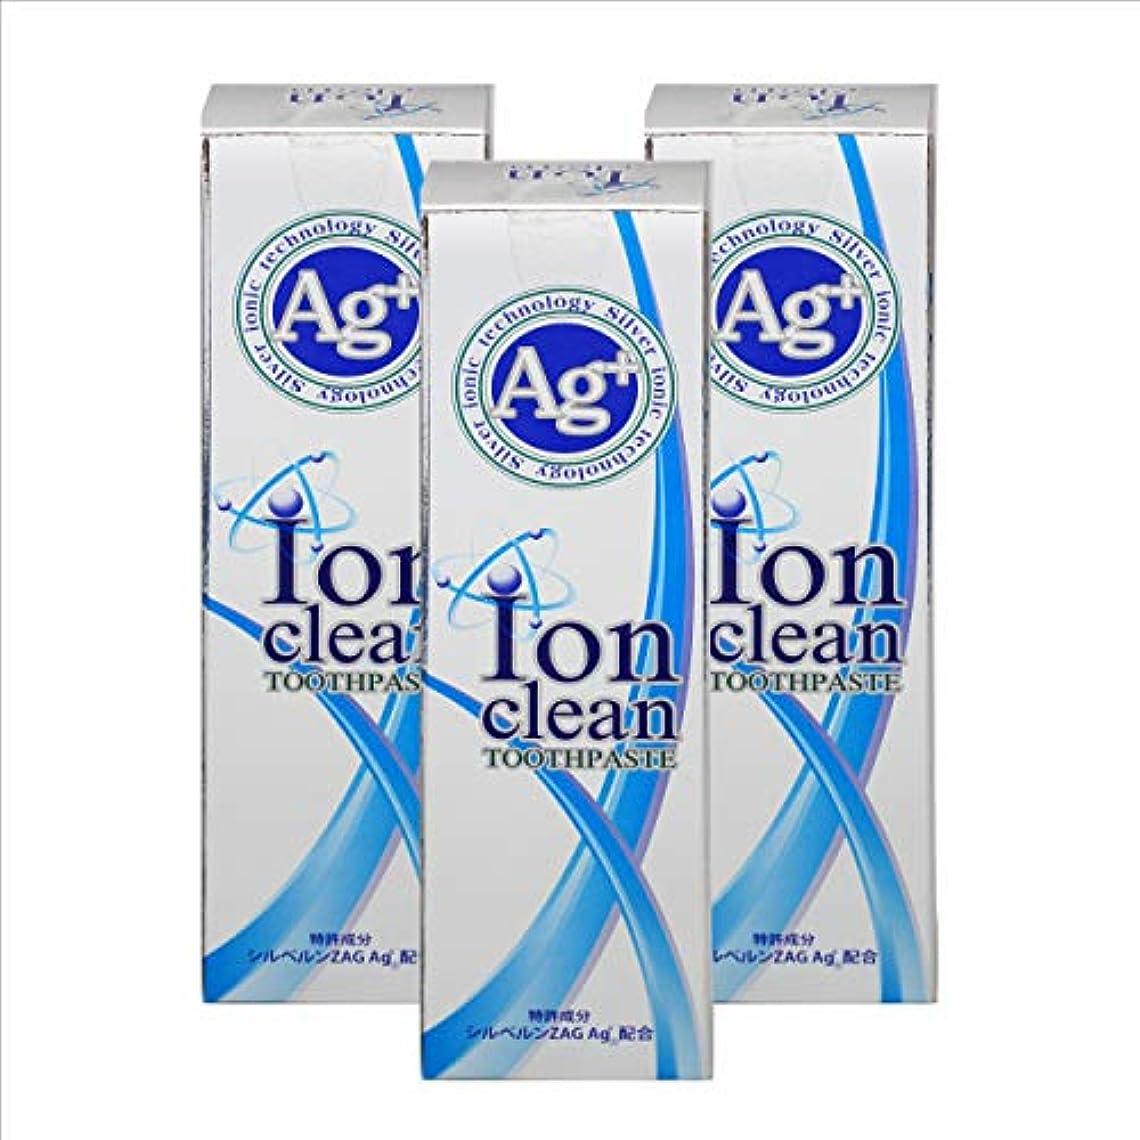 マイクロドール衛星銀イオン配合歯磨き粉イオンクリーン 100g 3本セット(電動歯ブラシ特典つき) 口臭対策?歯周病ケアにおすすめ